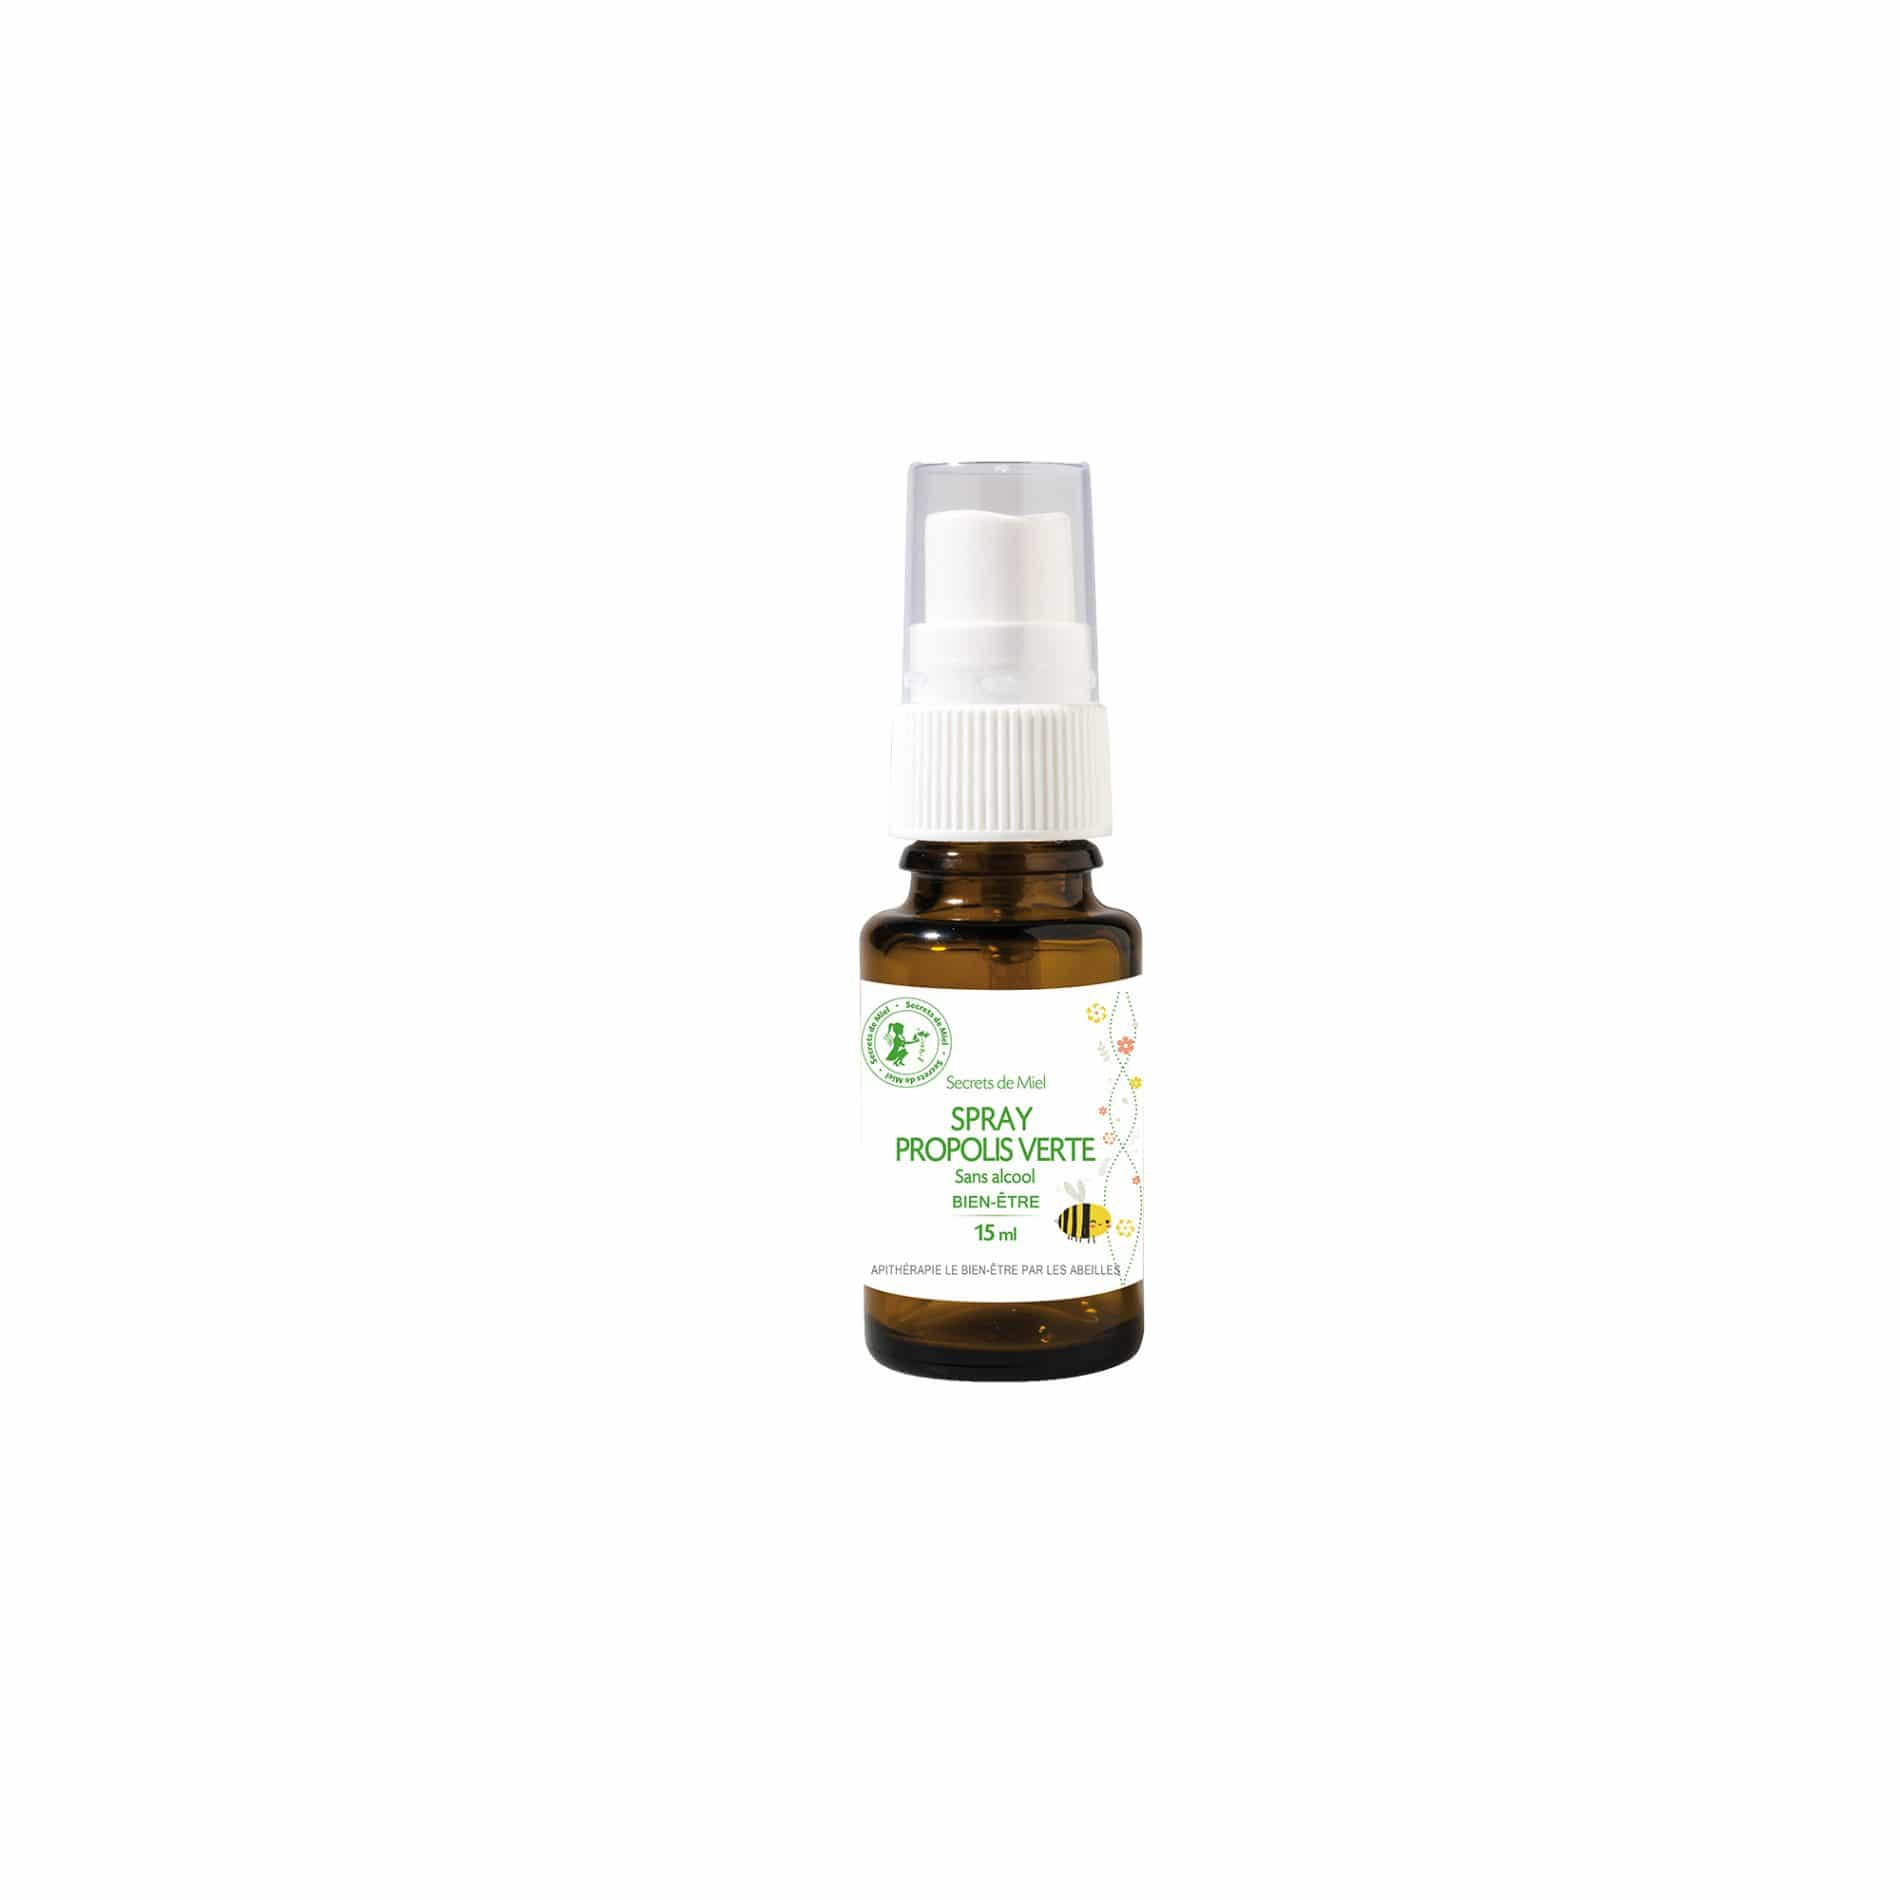 Spray Propolis Verte - Haleine pure - Voies respiratoires - Dégage - Assainit - Plantes - Secrets de Miel